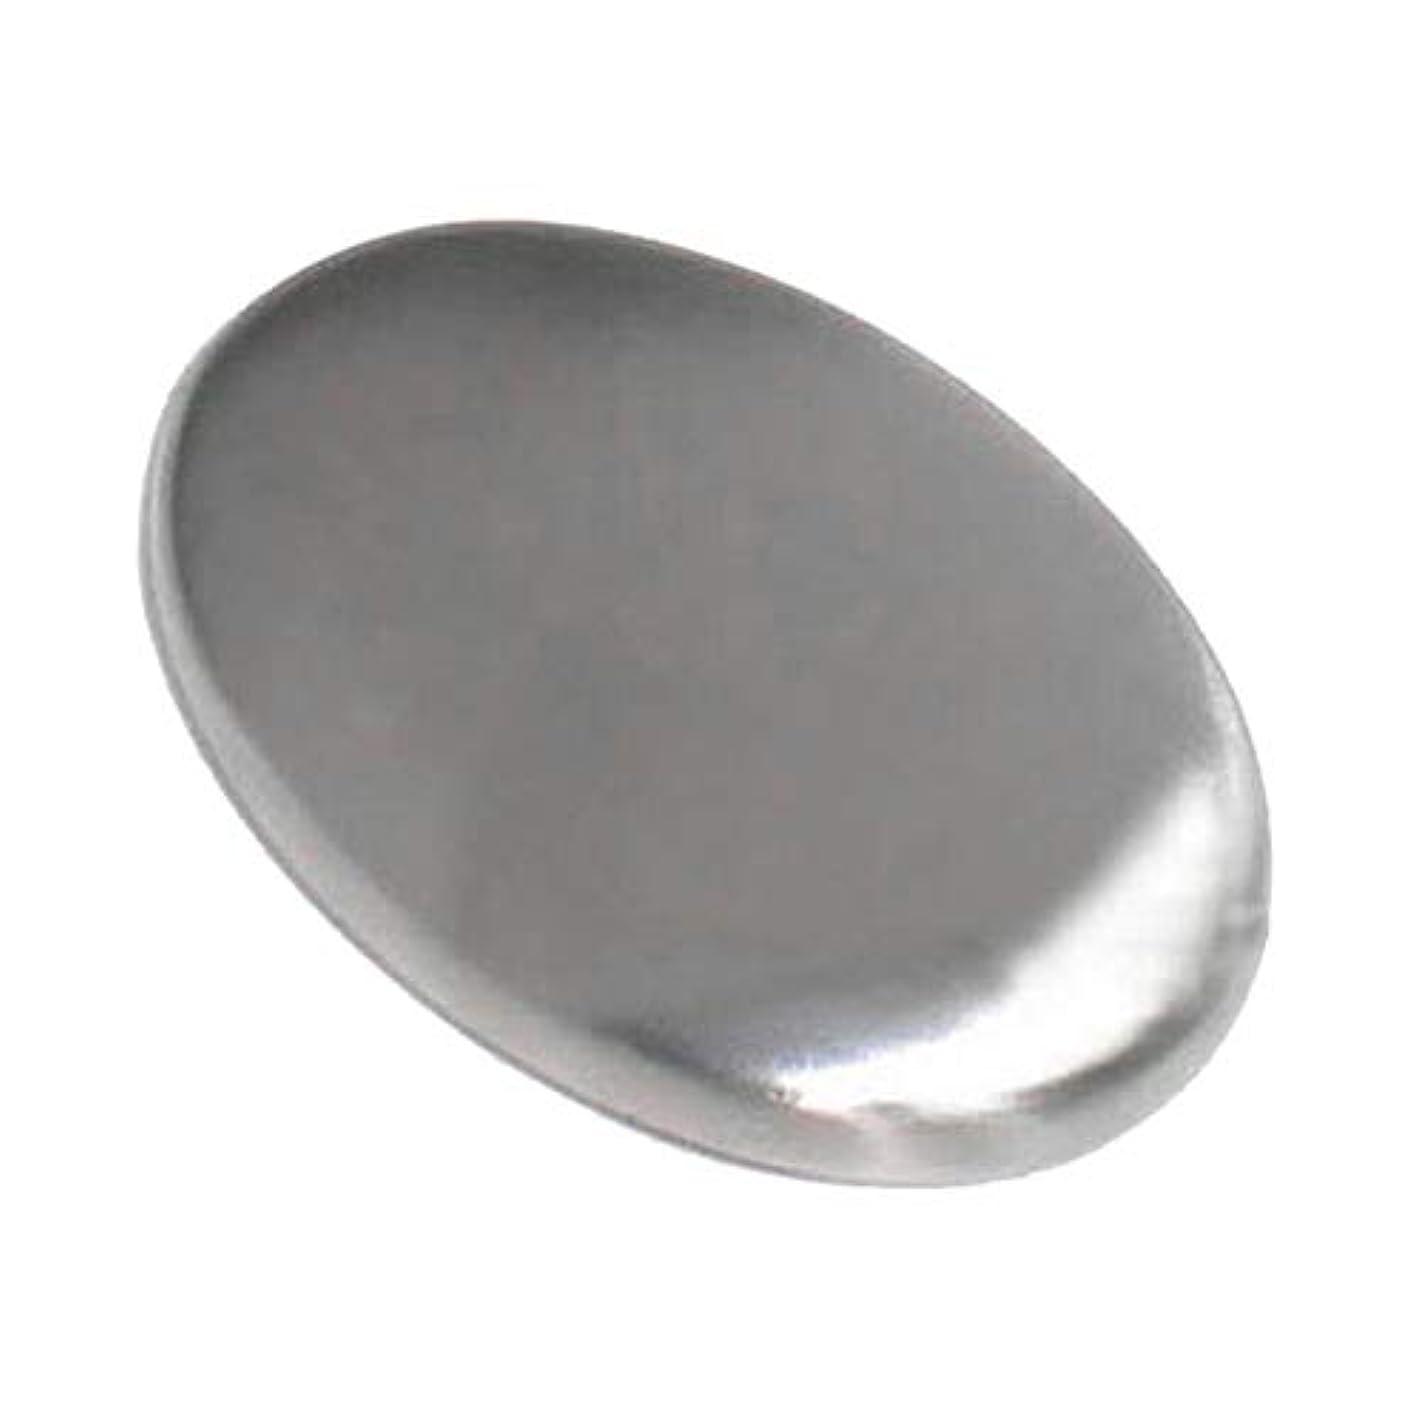 畝間キリスト教知っているに立ち寄るHillrong ステンレスソープ ステンレス石鹸 においとりソープ 円形 臭い取り 異臭を取り除く 台所用具